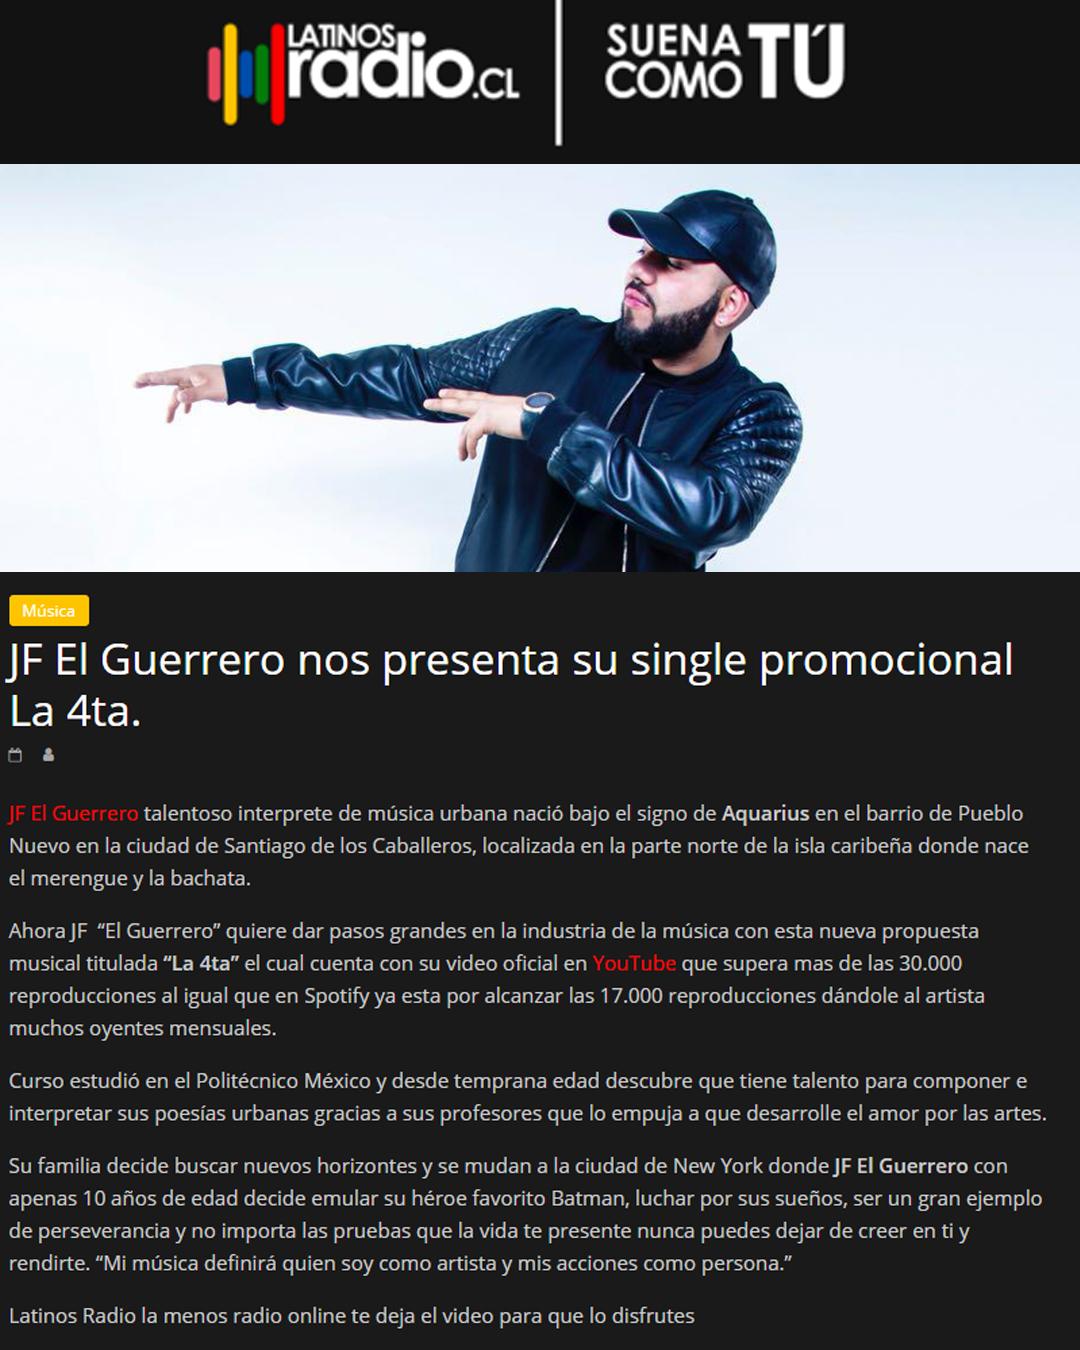 latinos radios cl